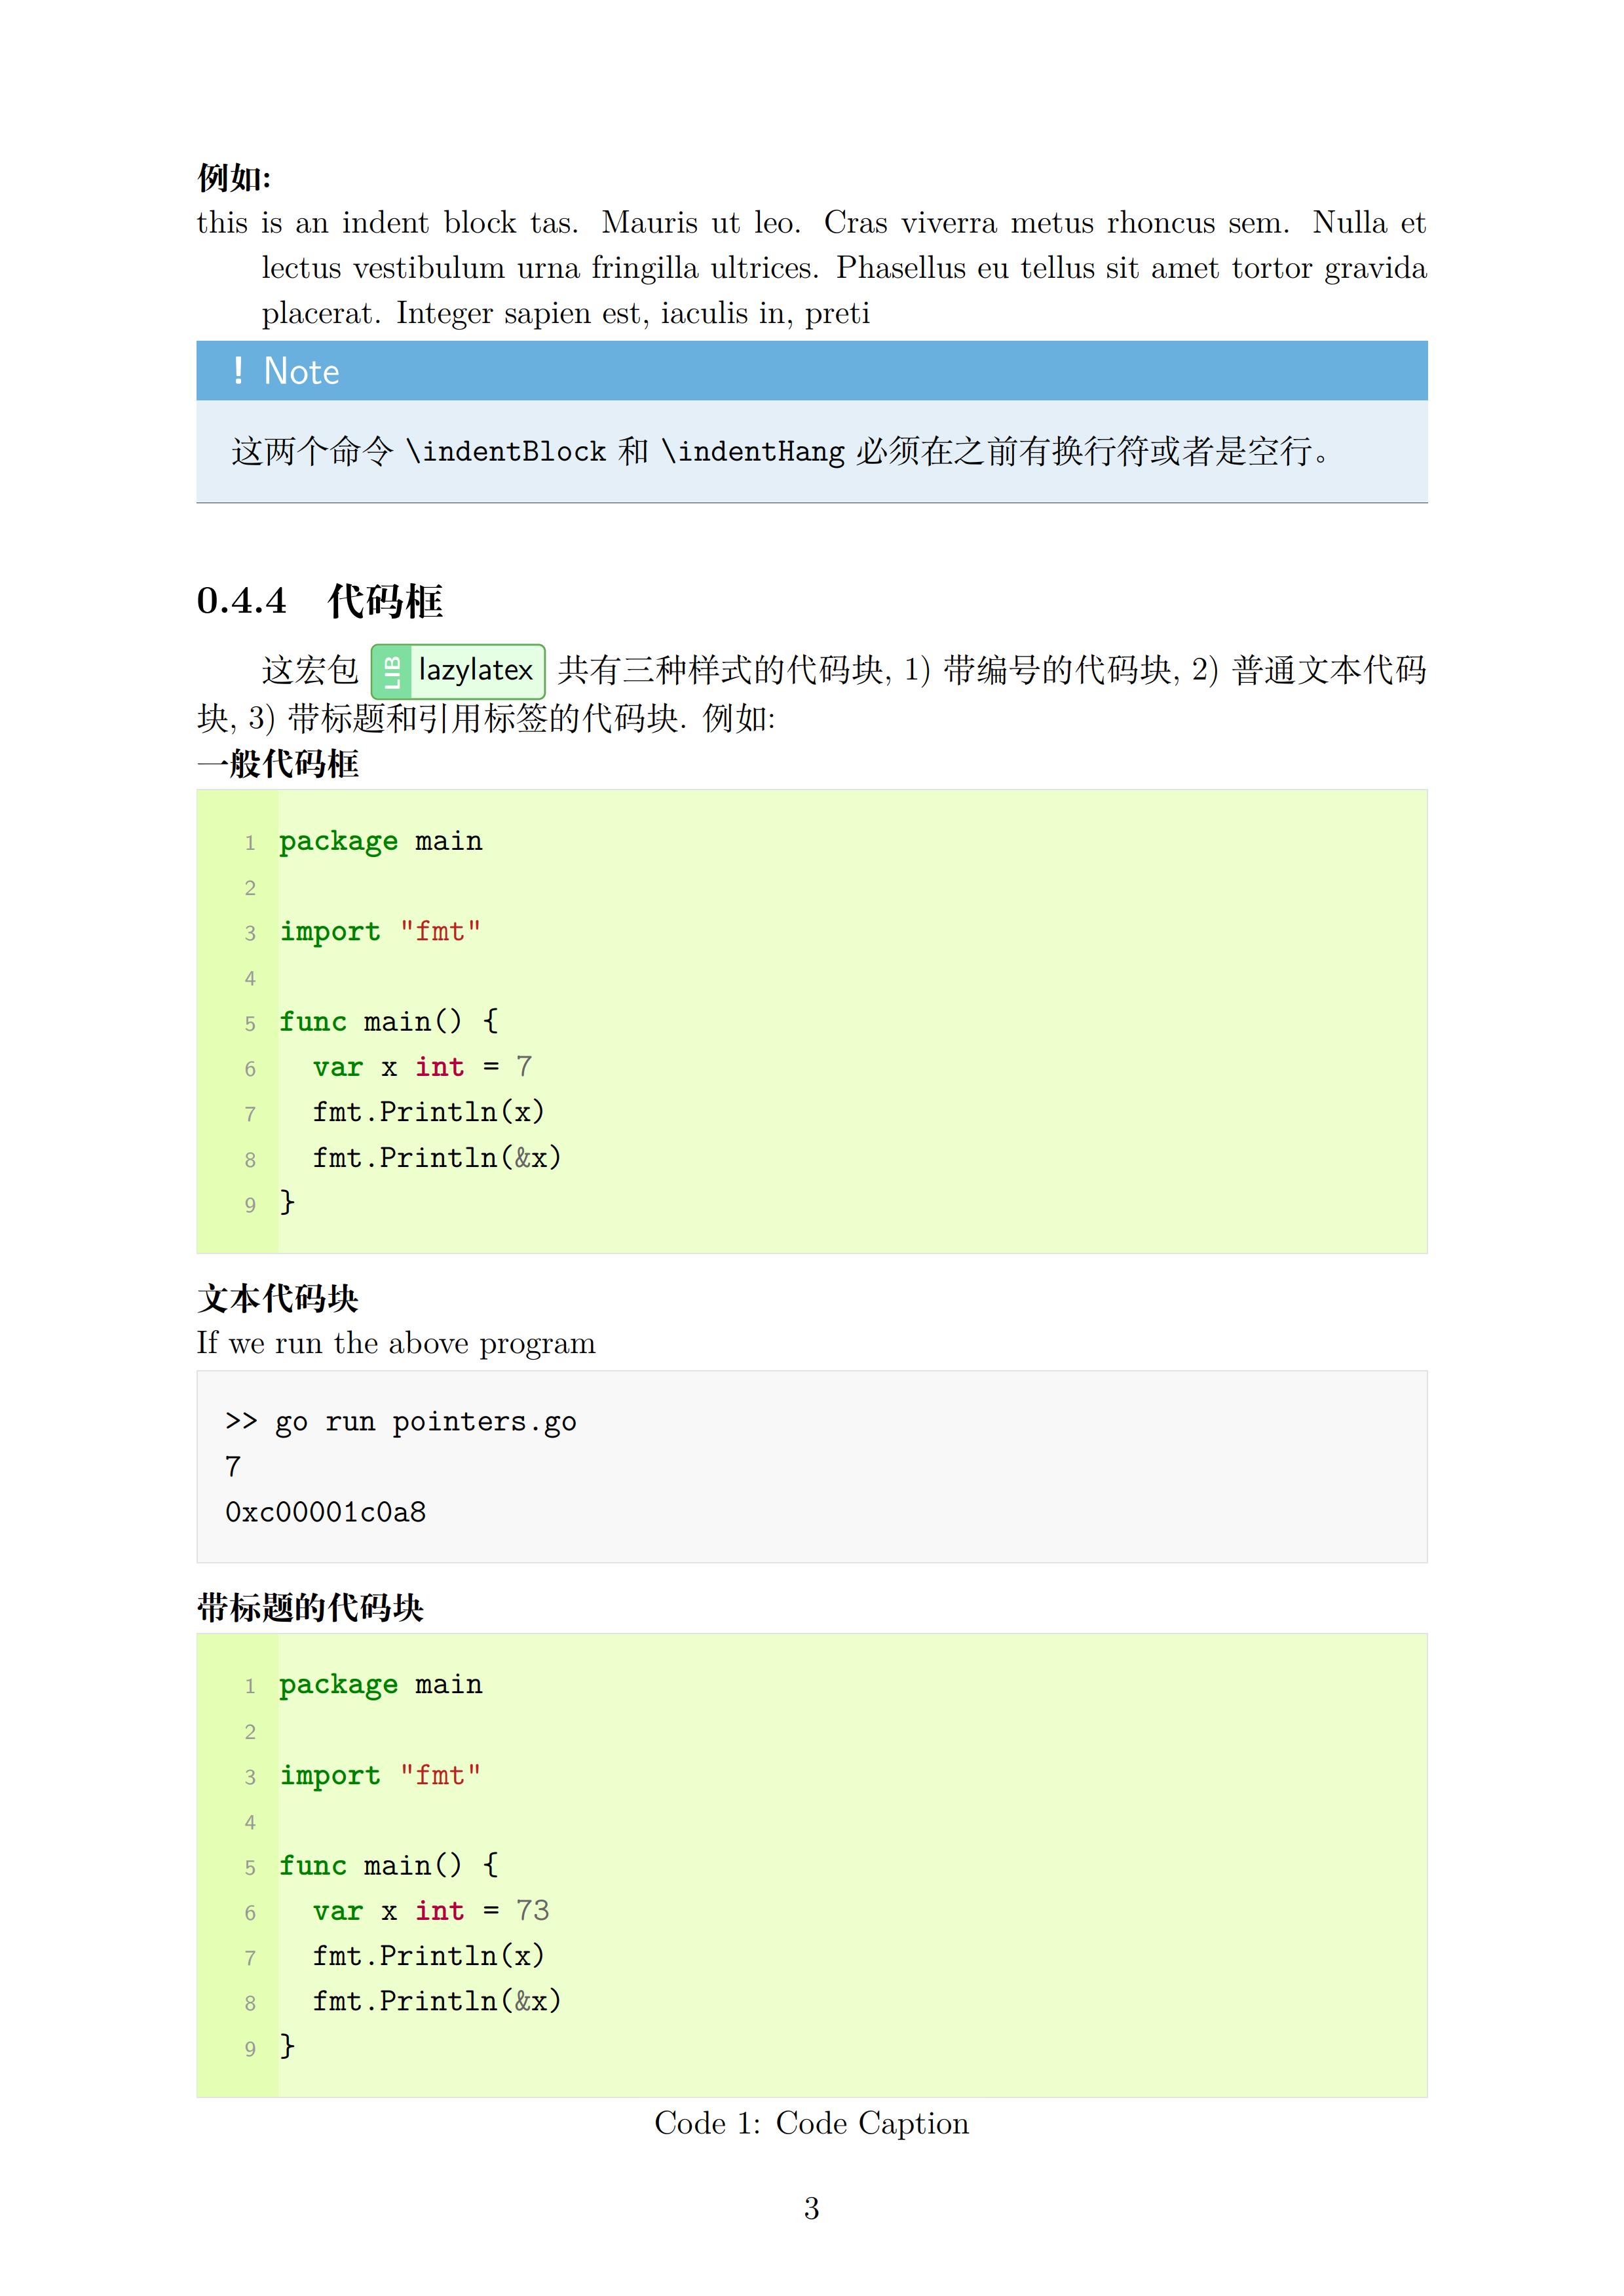 一个用户定制的懒人文档写作宏包